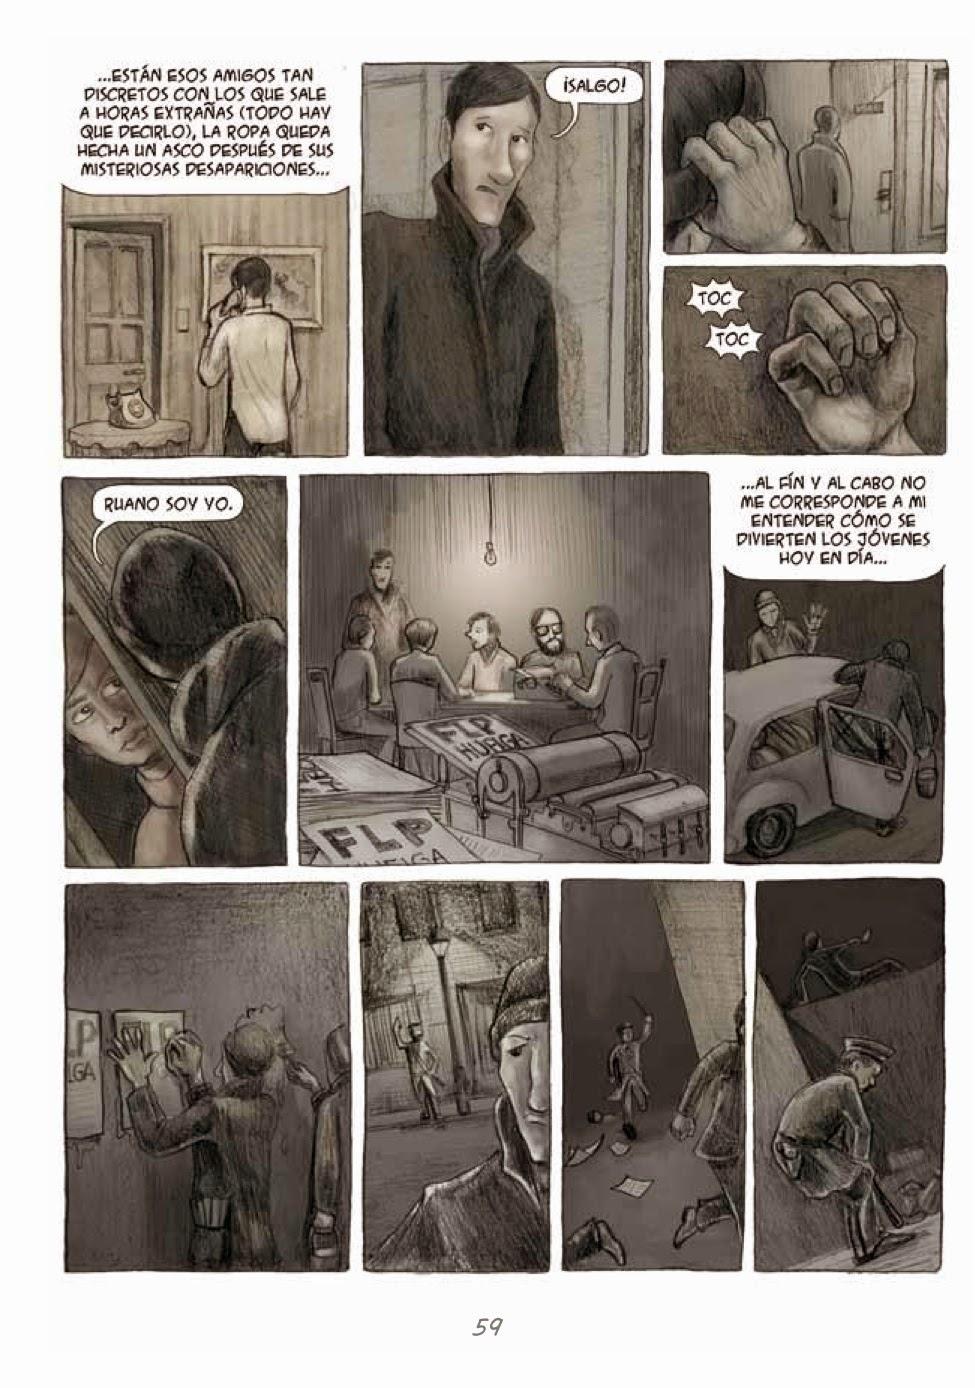 Recuerdos de Perrito de Mierda # 59 by Marta Alonso Berna, Dibbuks, March, 2014